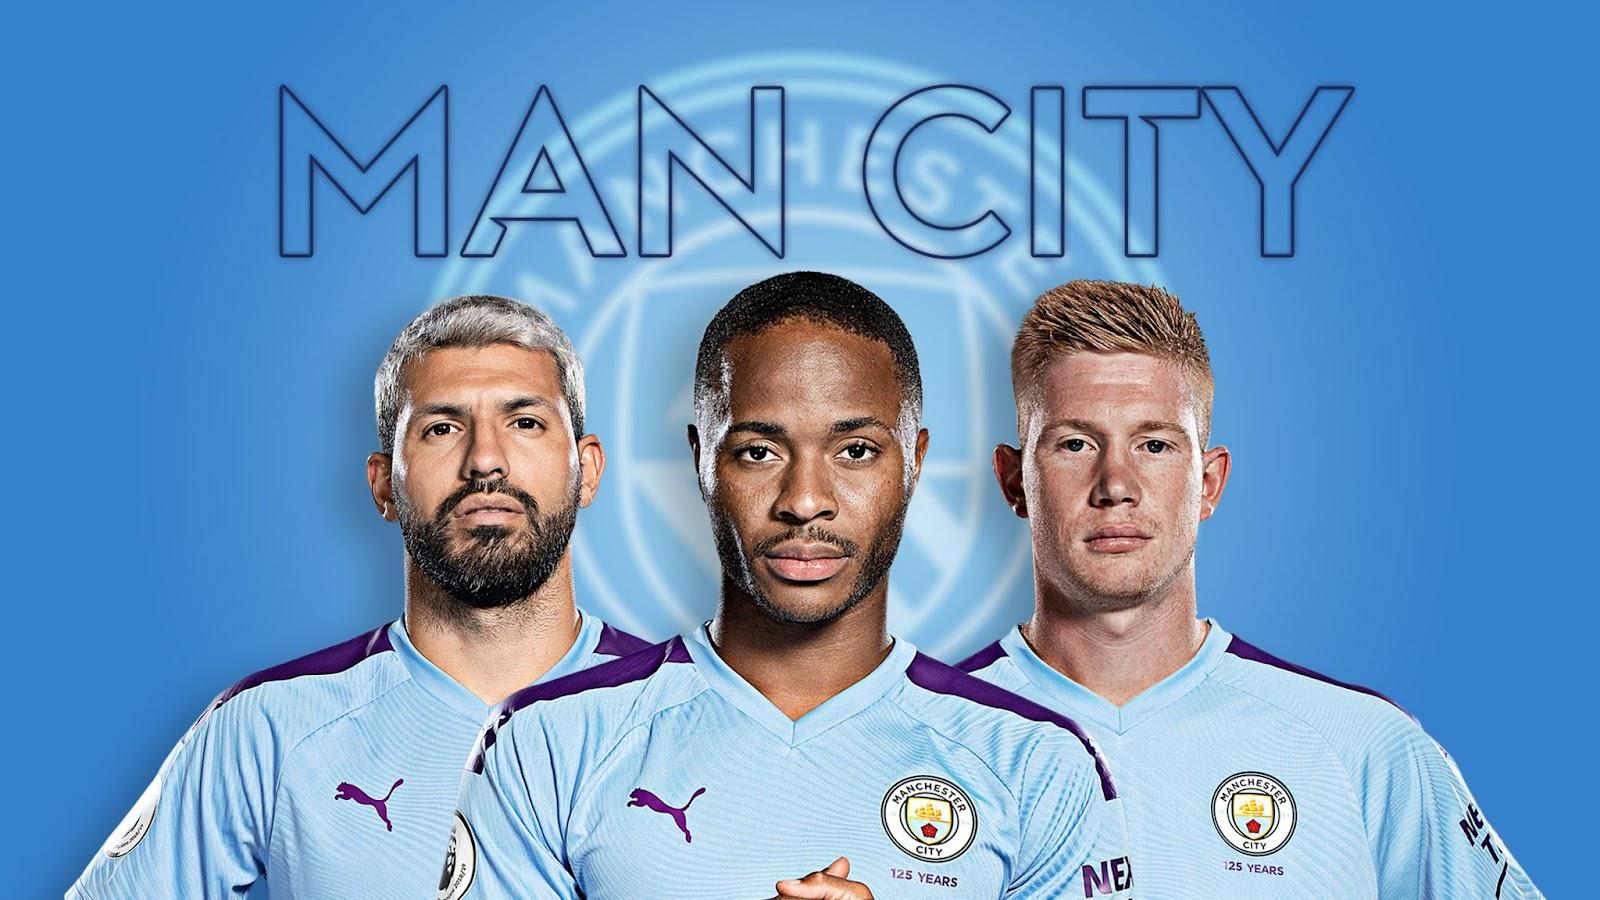 Man City có tỷ lệ đặt cược cao nhất